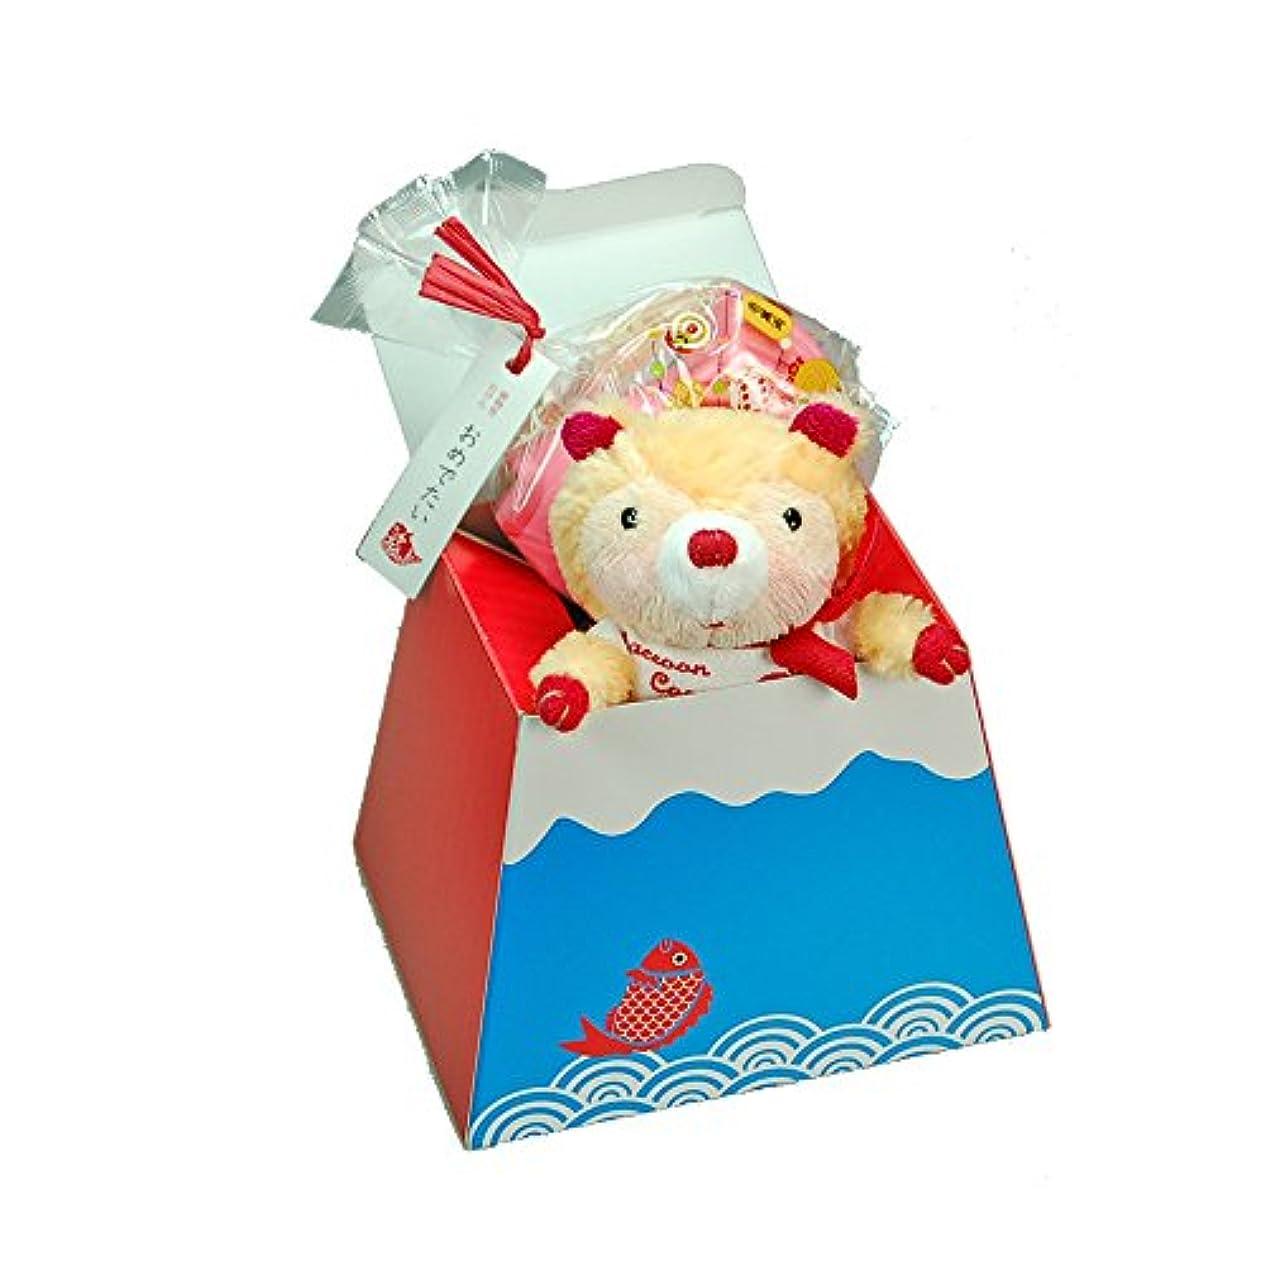 教室式ハウジングプチギフト リトルマスコット 鯛 石けん 富士山ラッピング付き 誕生日プレゼント お祝い 入学 卒業  (リトルセット)